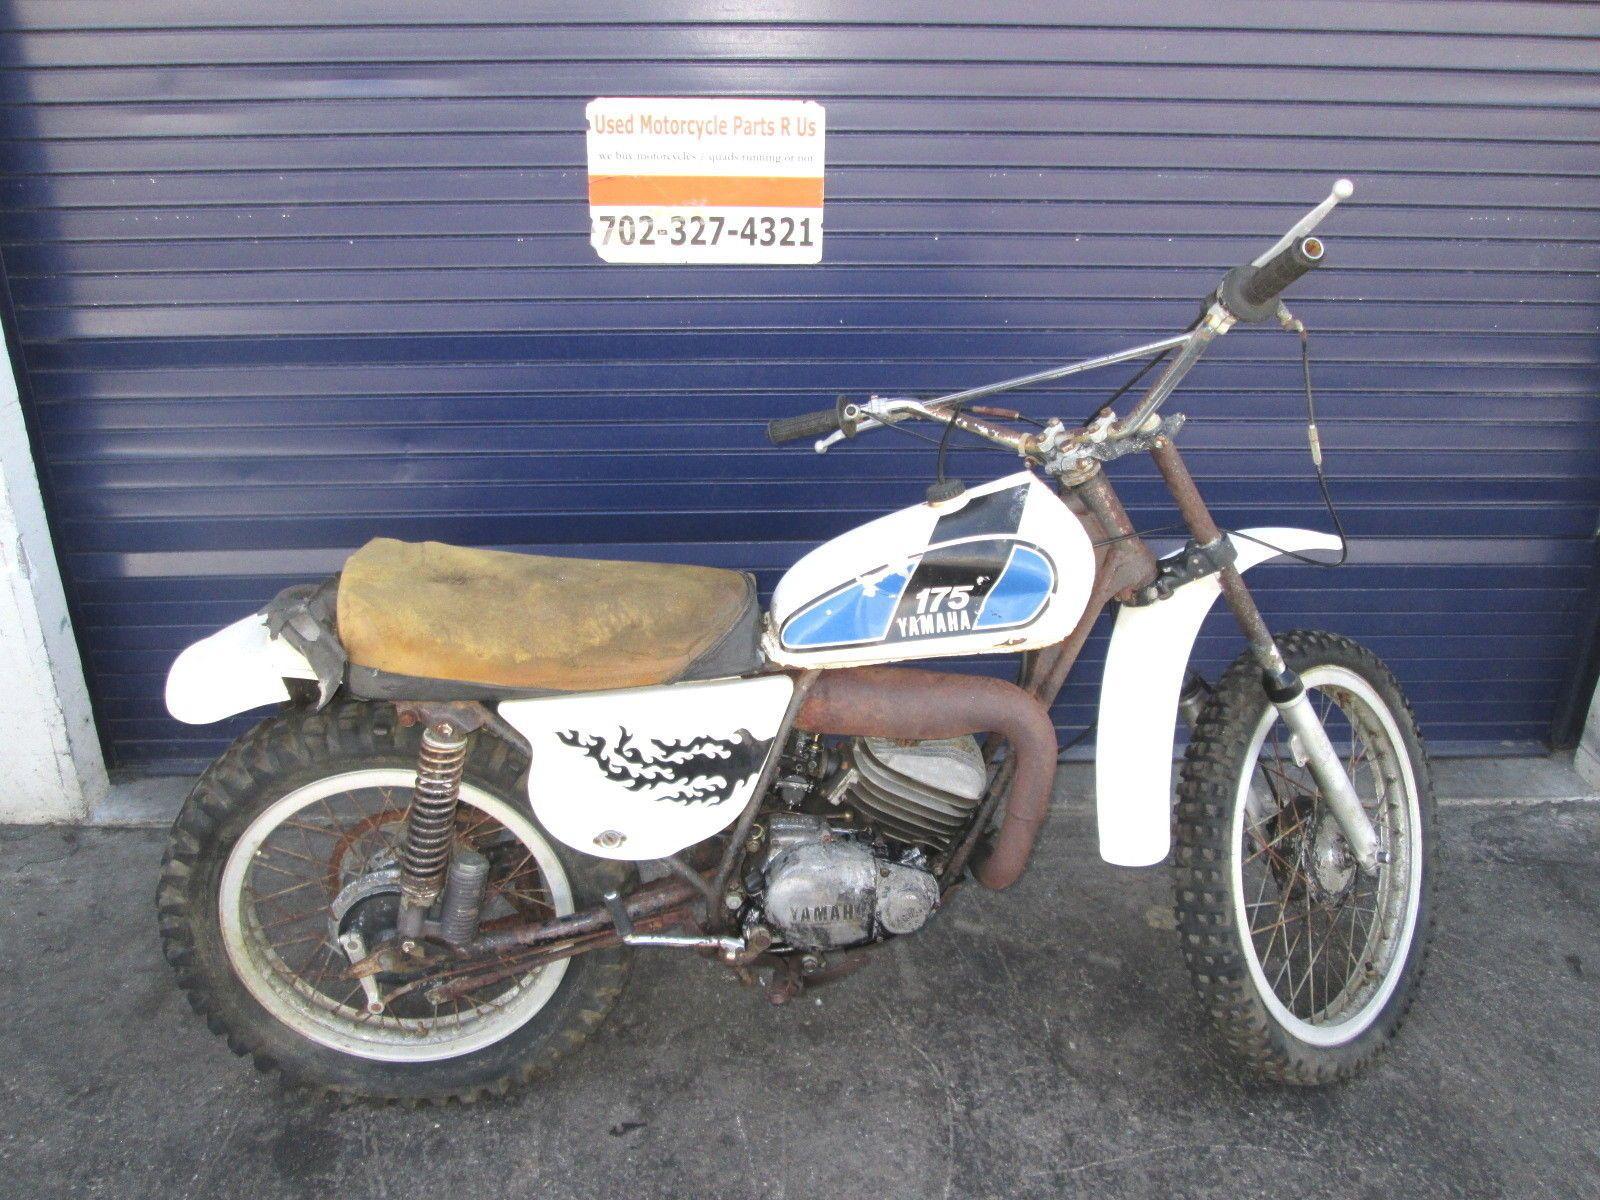 yamaha 1975 mx175 mx 175 4 5 cylinder with piston ebay 1975